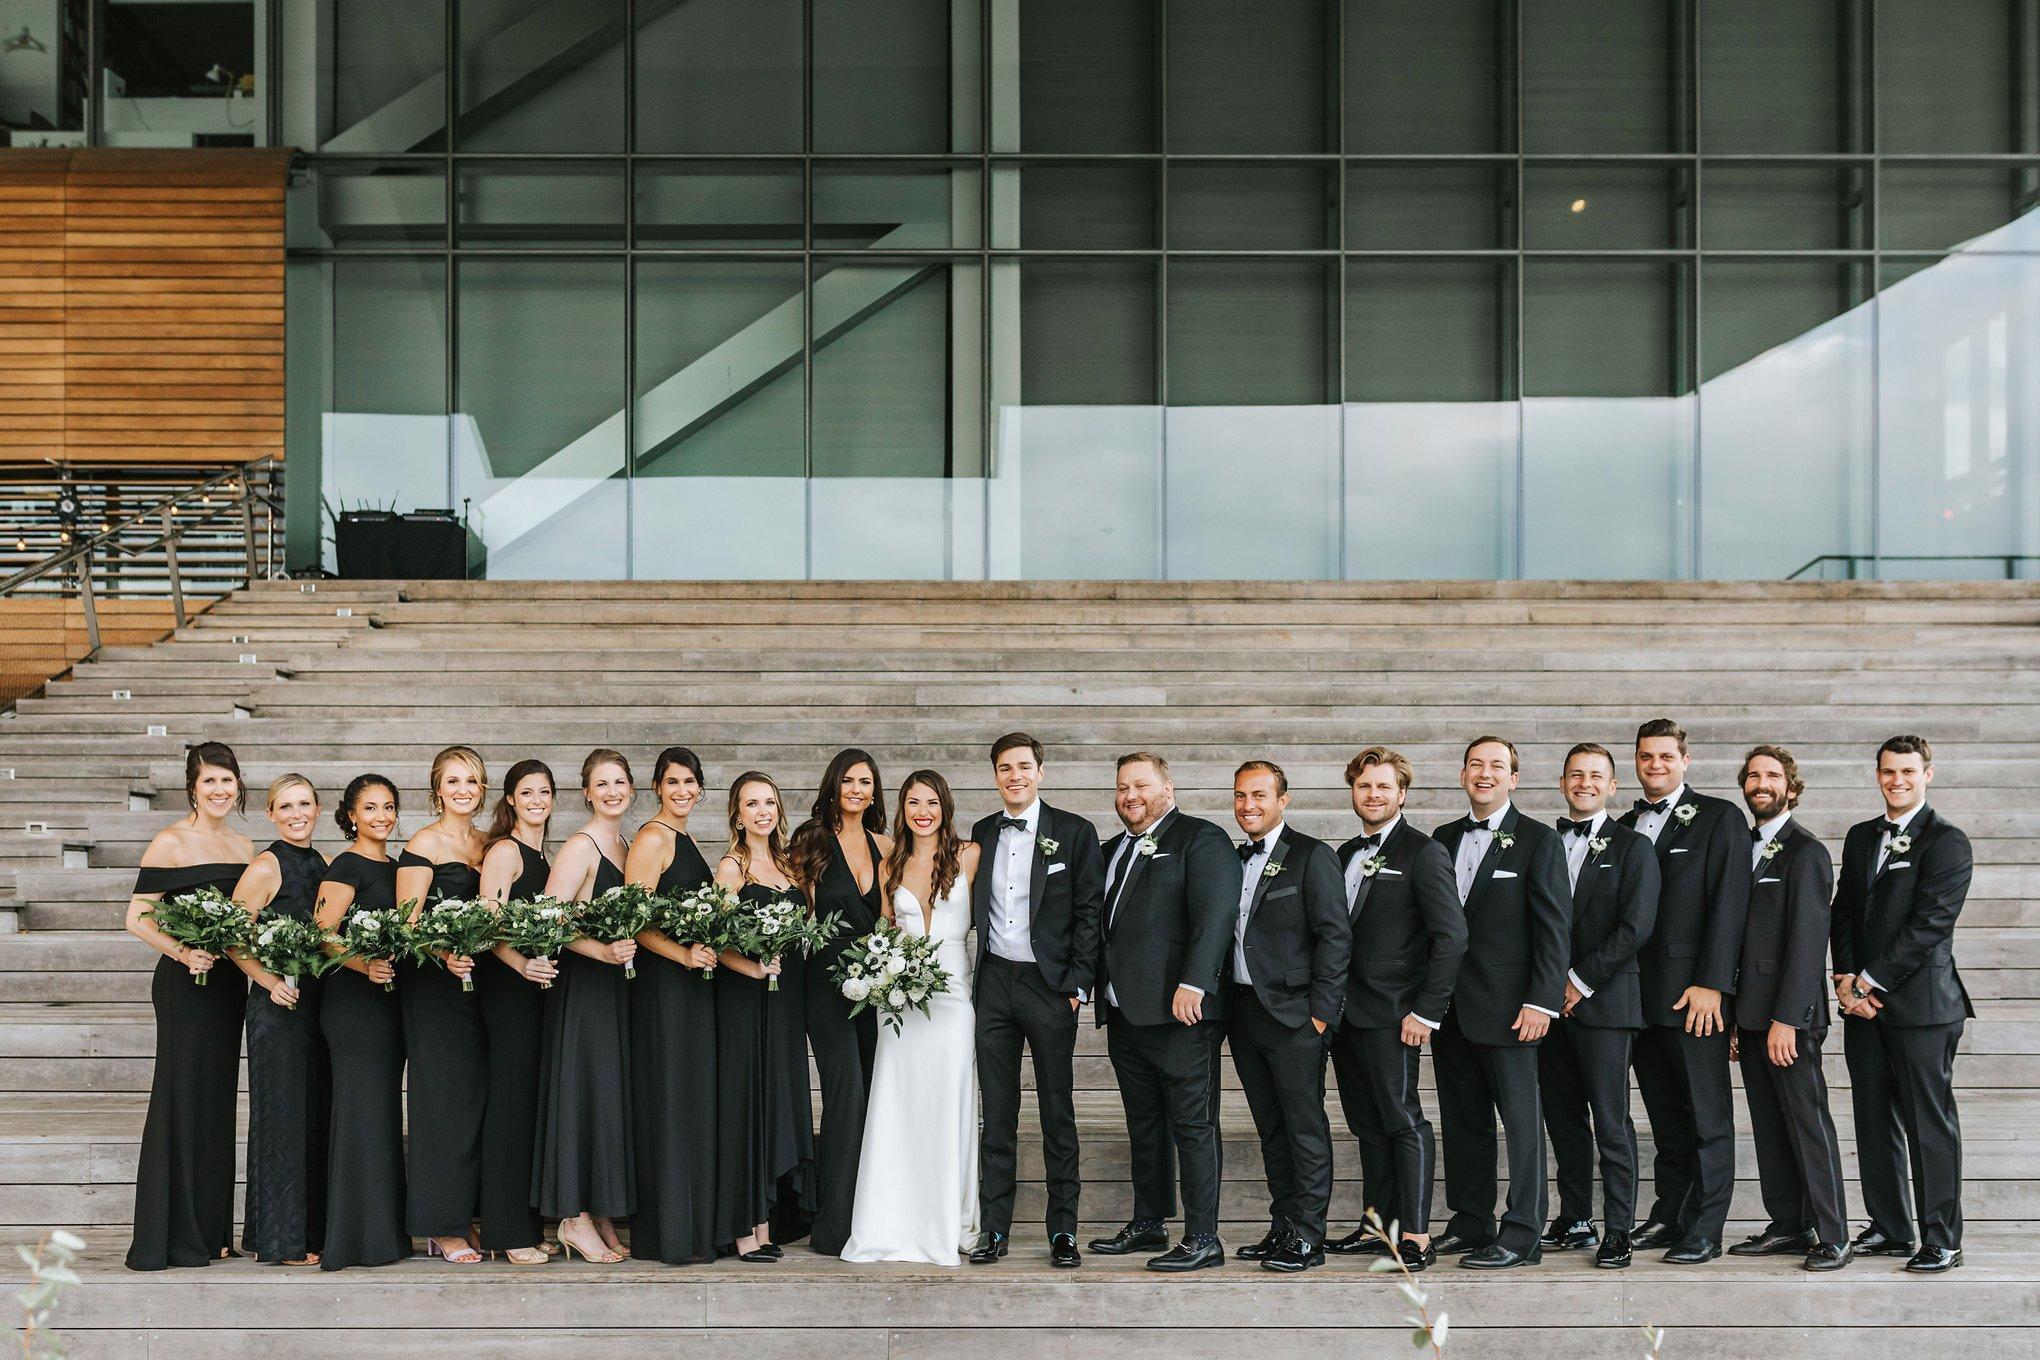 ICA-Institute-Contemporary-Art-Boston-Museum-Wedding-029.JPG